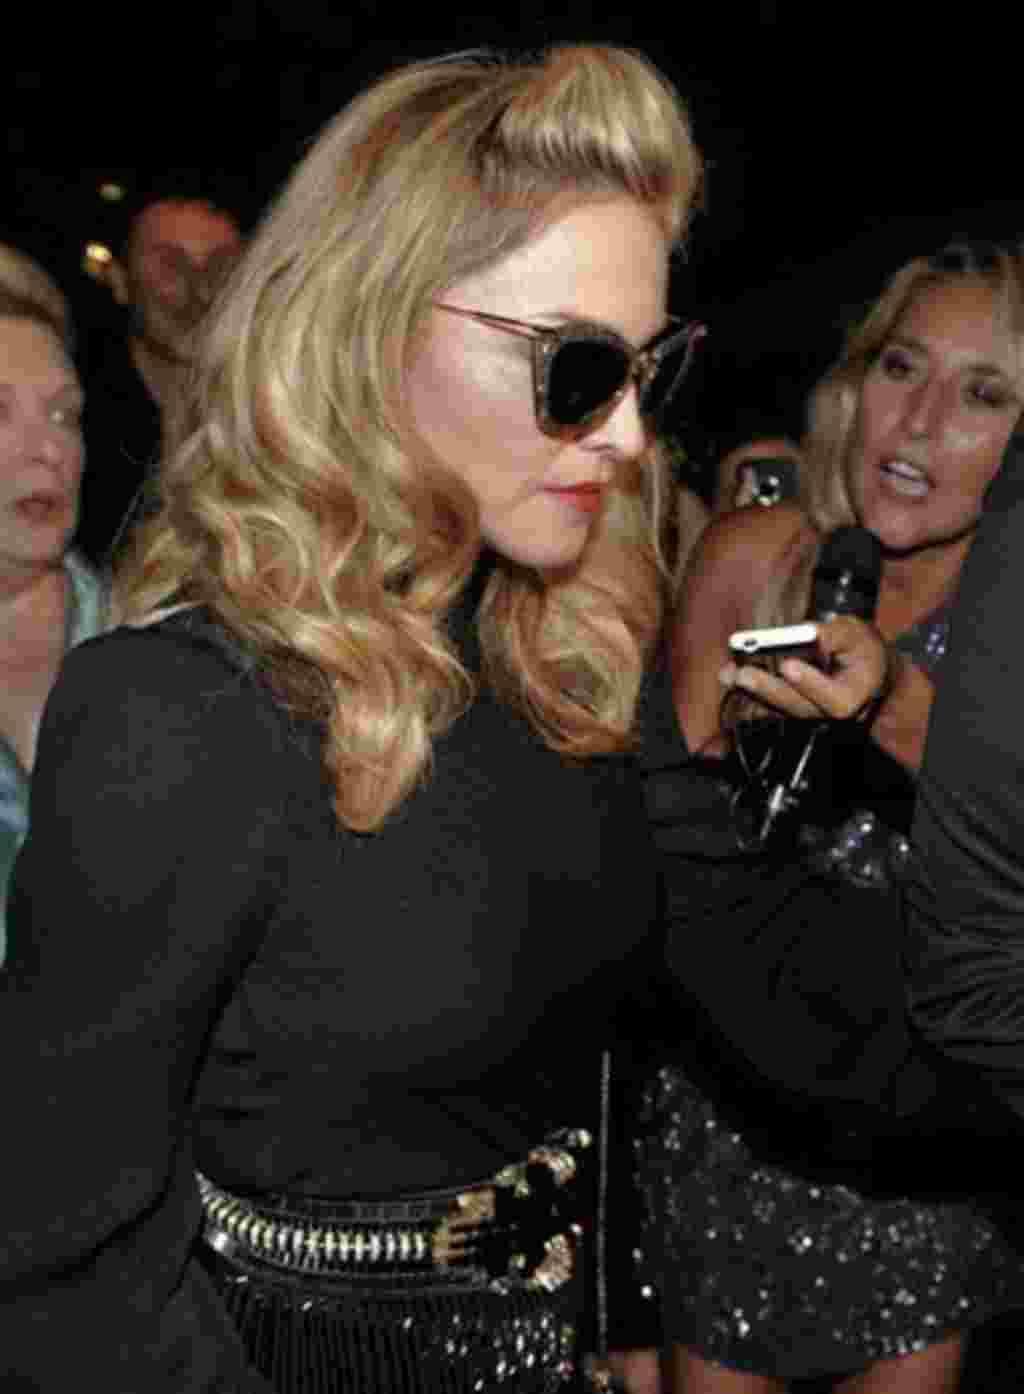 La cantante Madonna llega a los premios de Gucci para la Mujer en el Cine en Venecia, Italia.